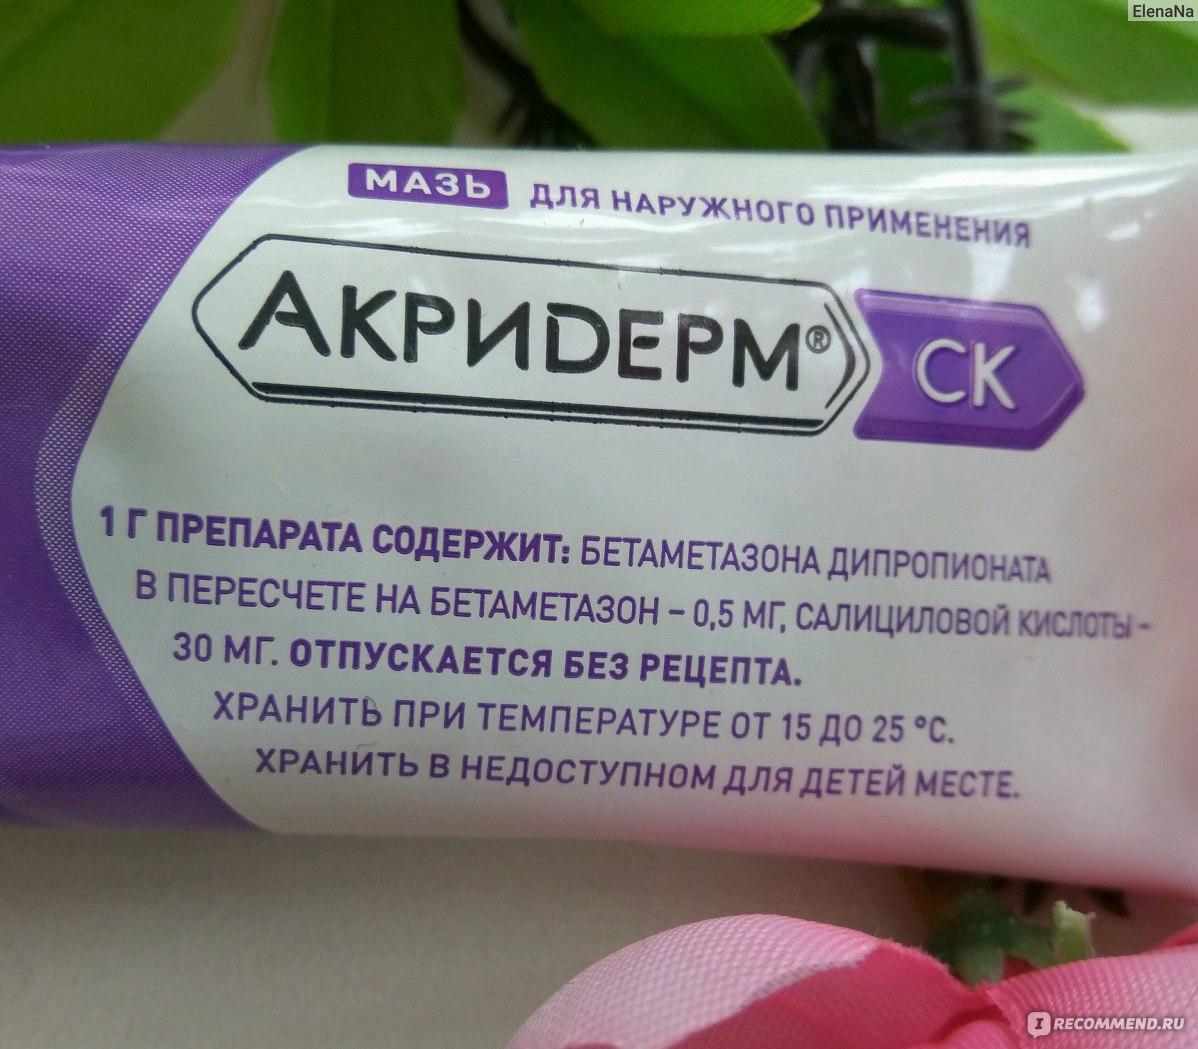 акридерм гк 4 мазь инструкция